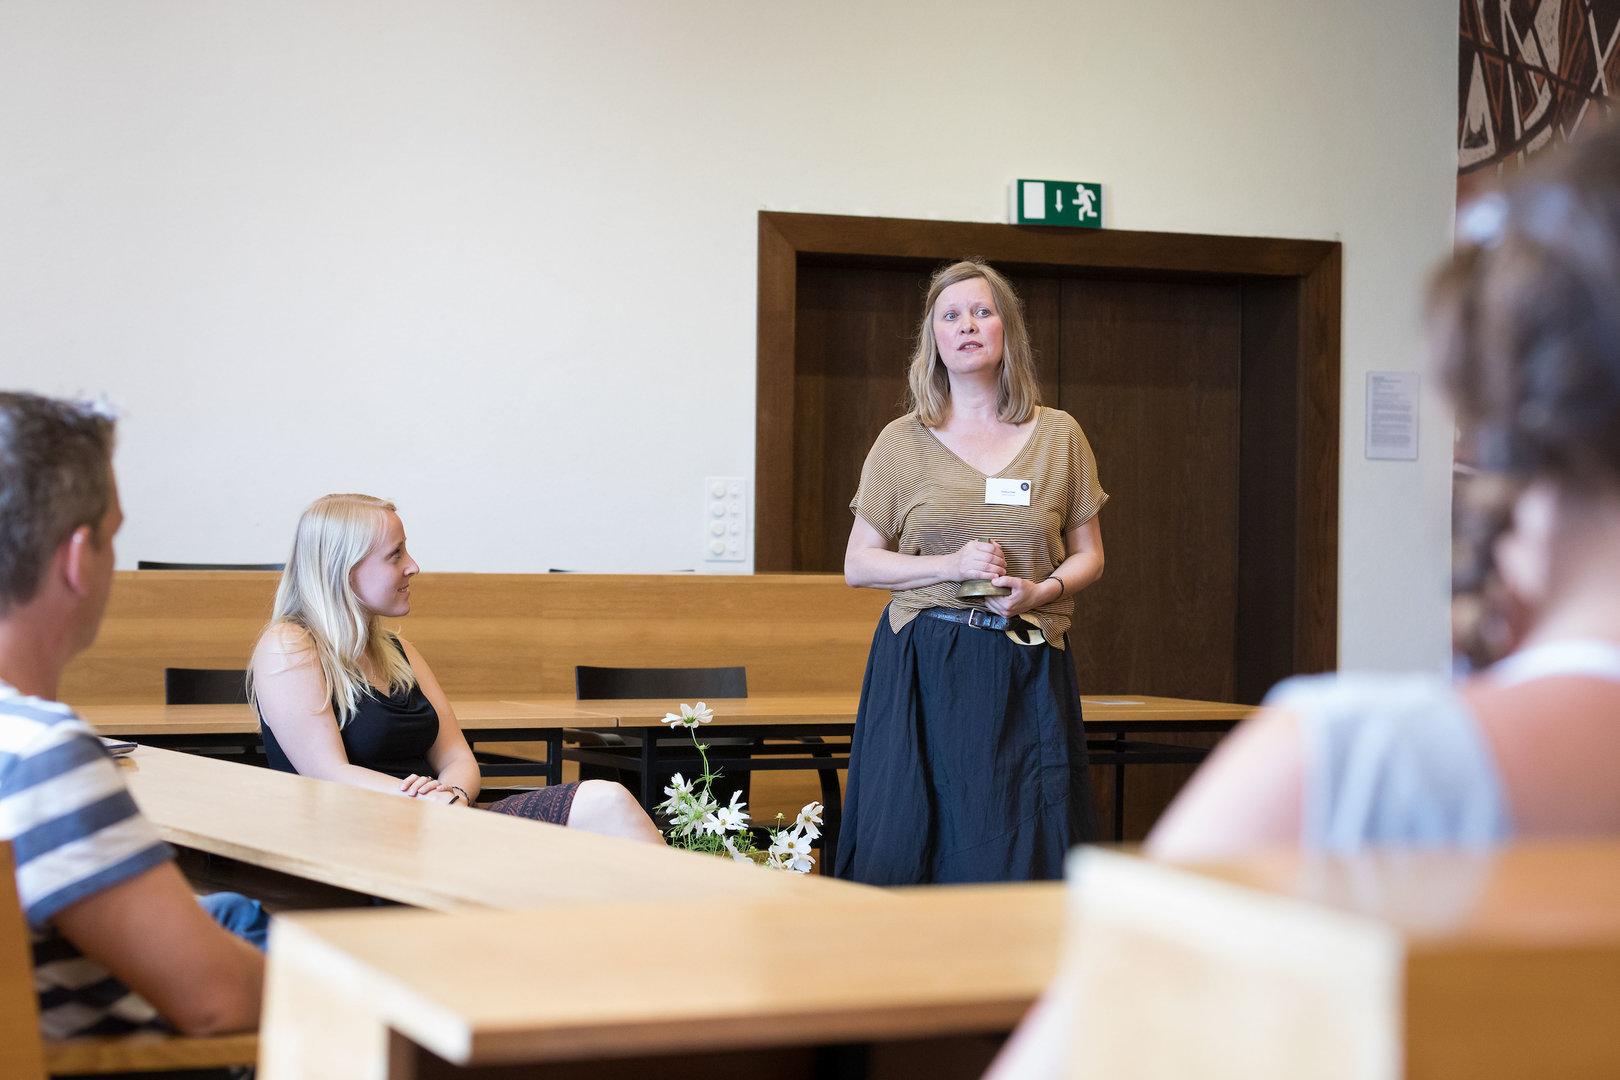 Schauspielerin Sandra Löwe eröffnet die Living Library und erklärt, wie die Ausleihe funktioniert.